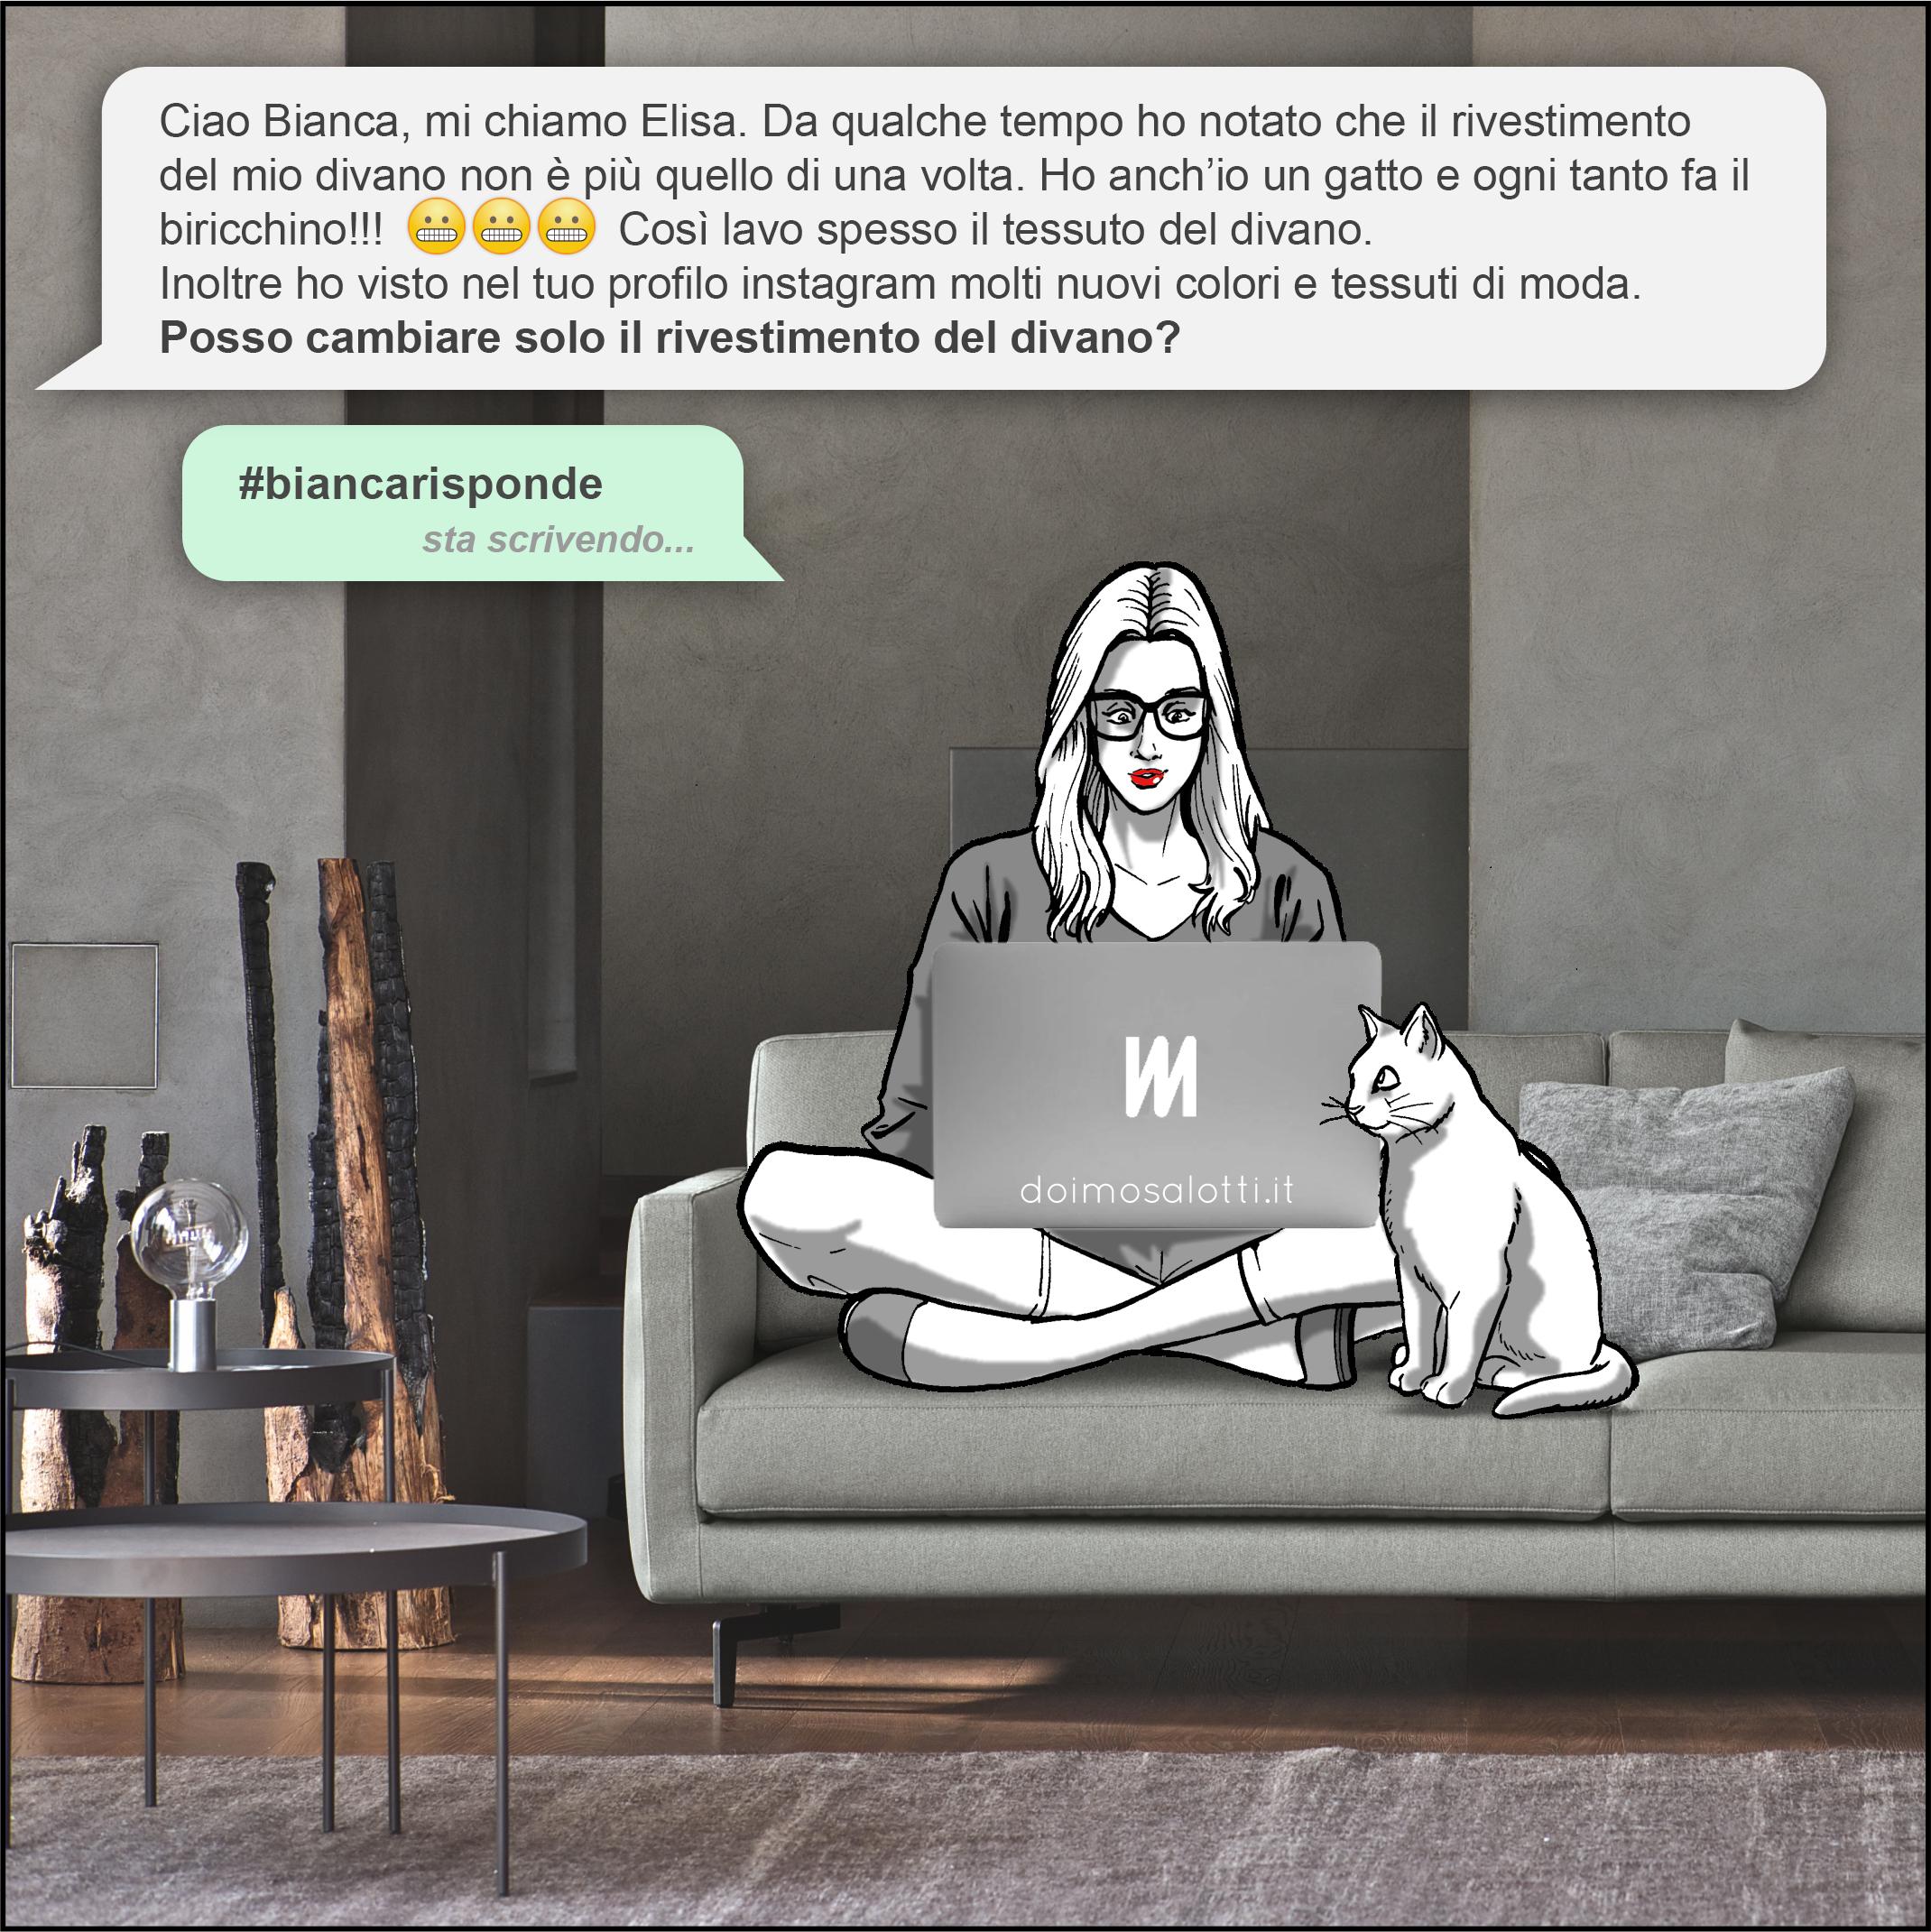 Gatti E Divani In Pelle.Biancarisponde Anche Il Mio Gatto Neko A Volte Fa Il